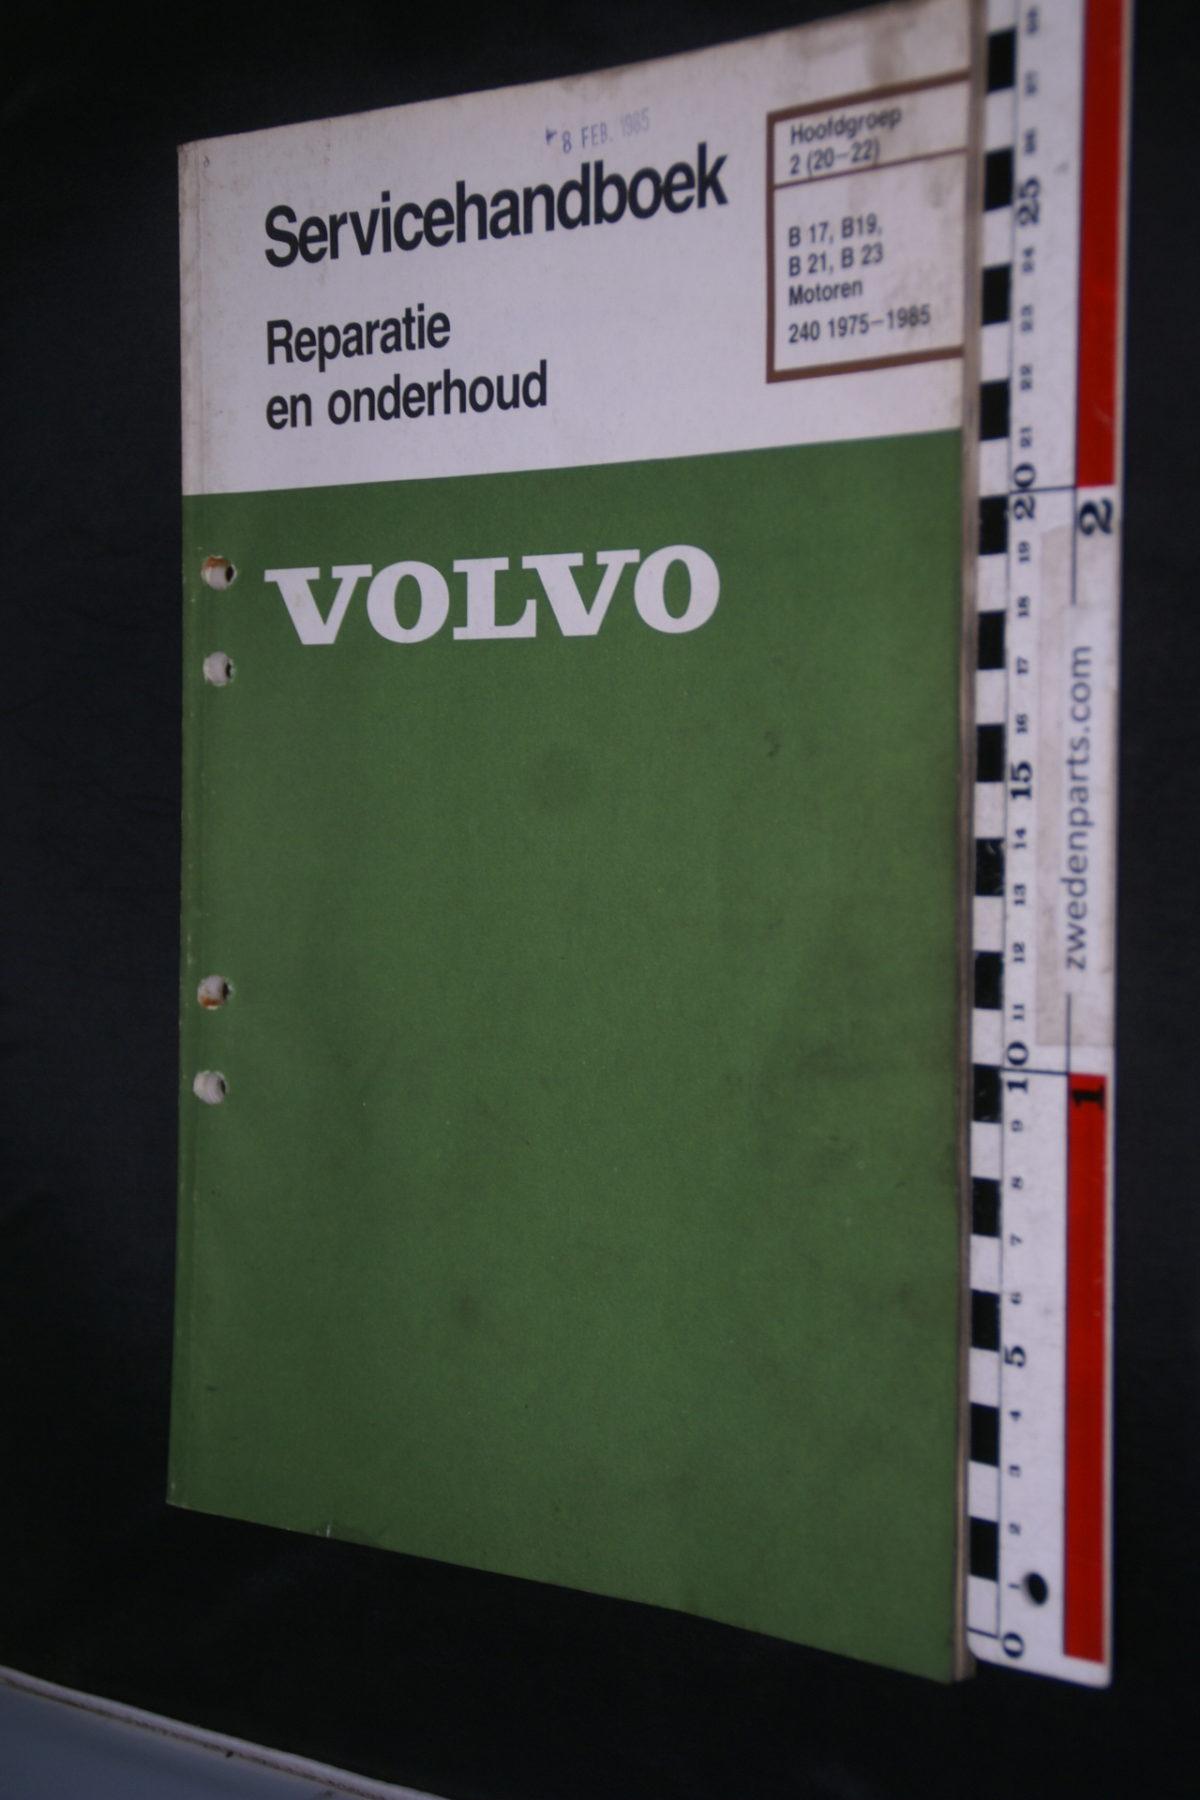 DSC08489 1984 origineel Volvo 240  servicehandboek  2 (20-22) motor B17, B19, B21, B23 1 van 800 TP 30160-2